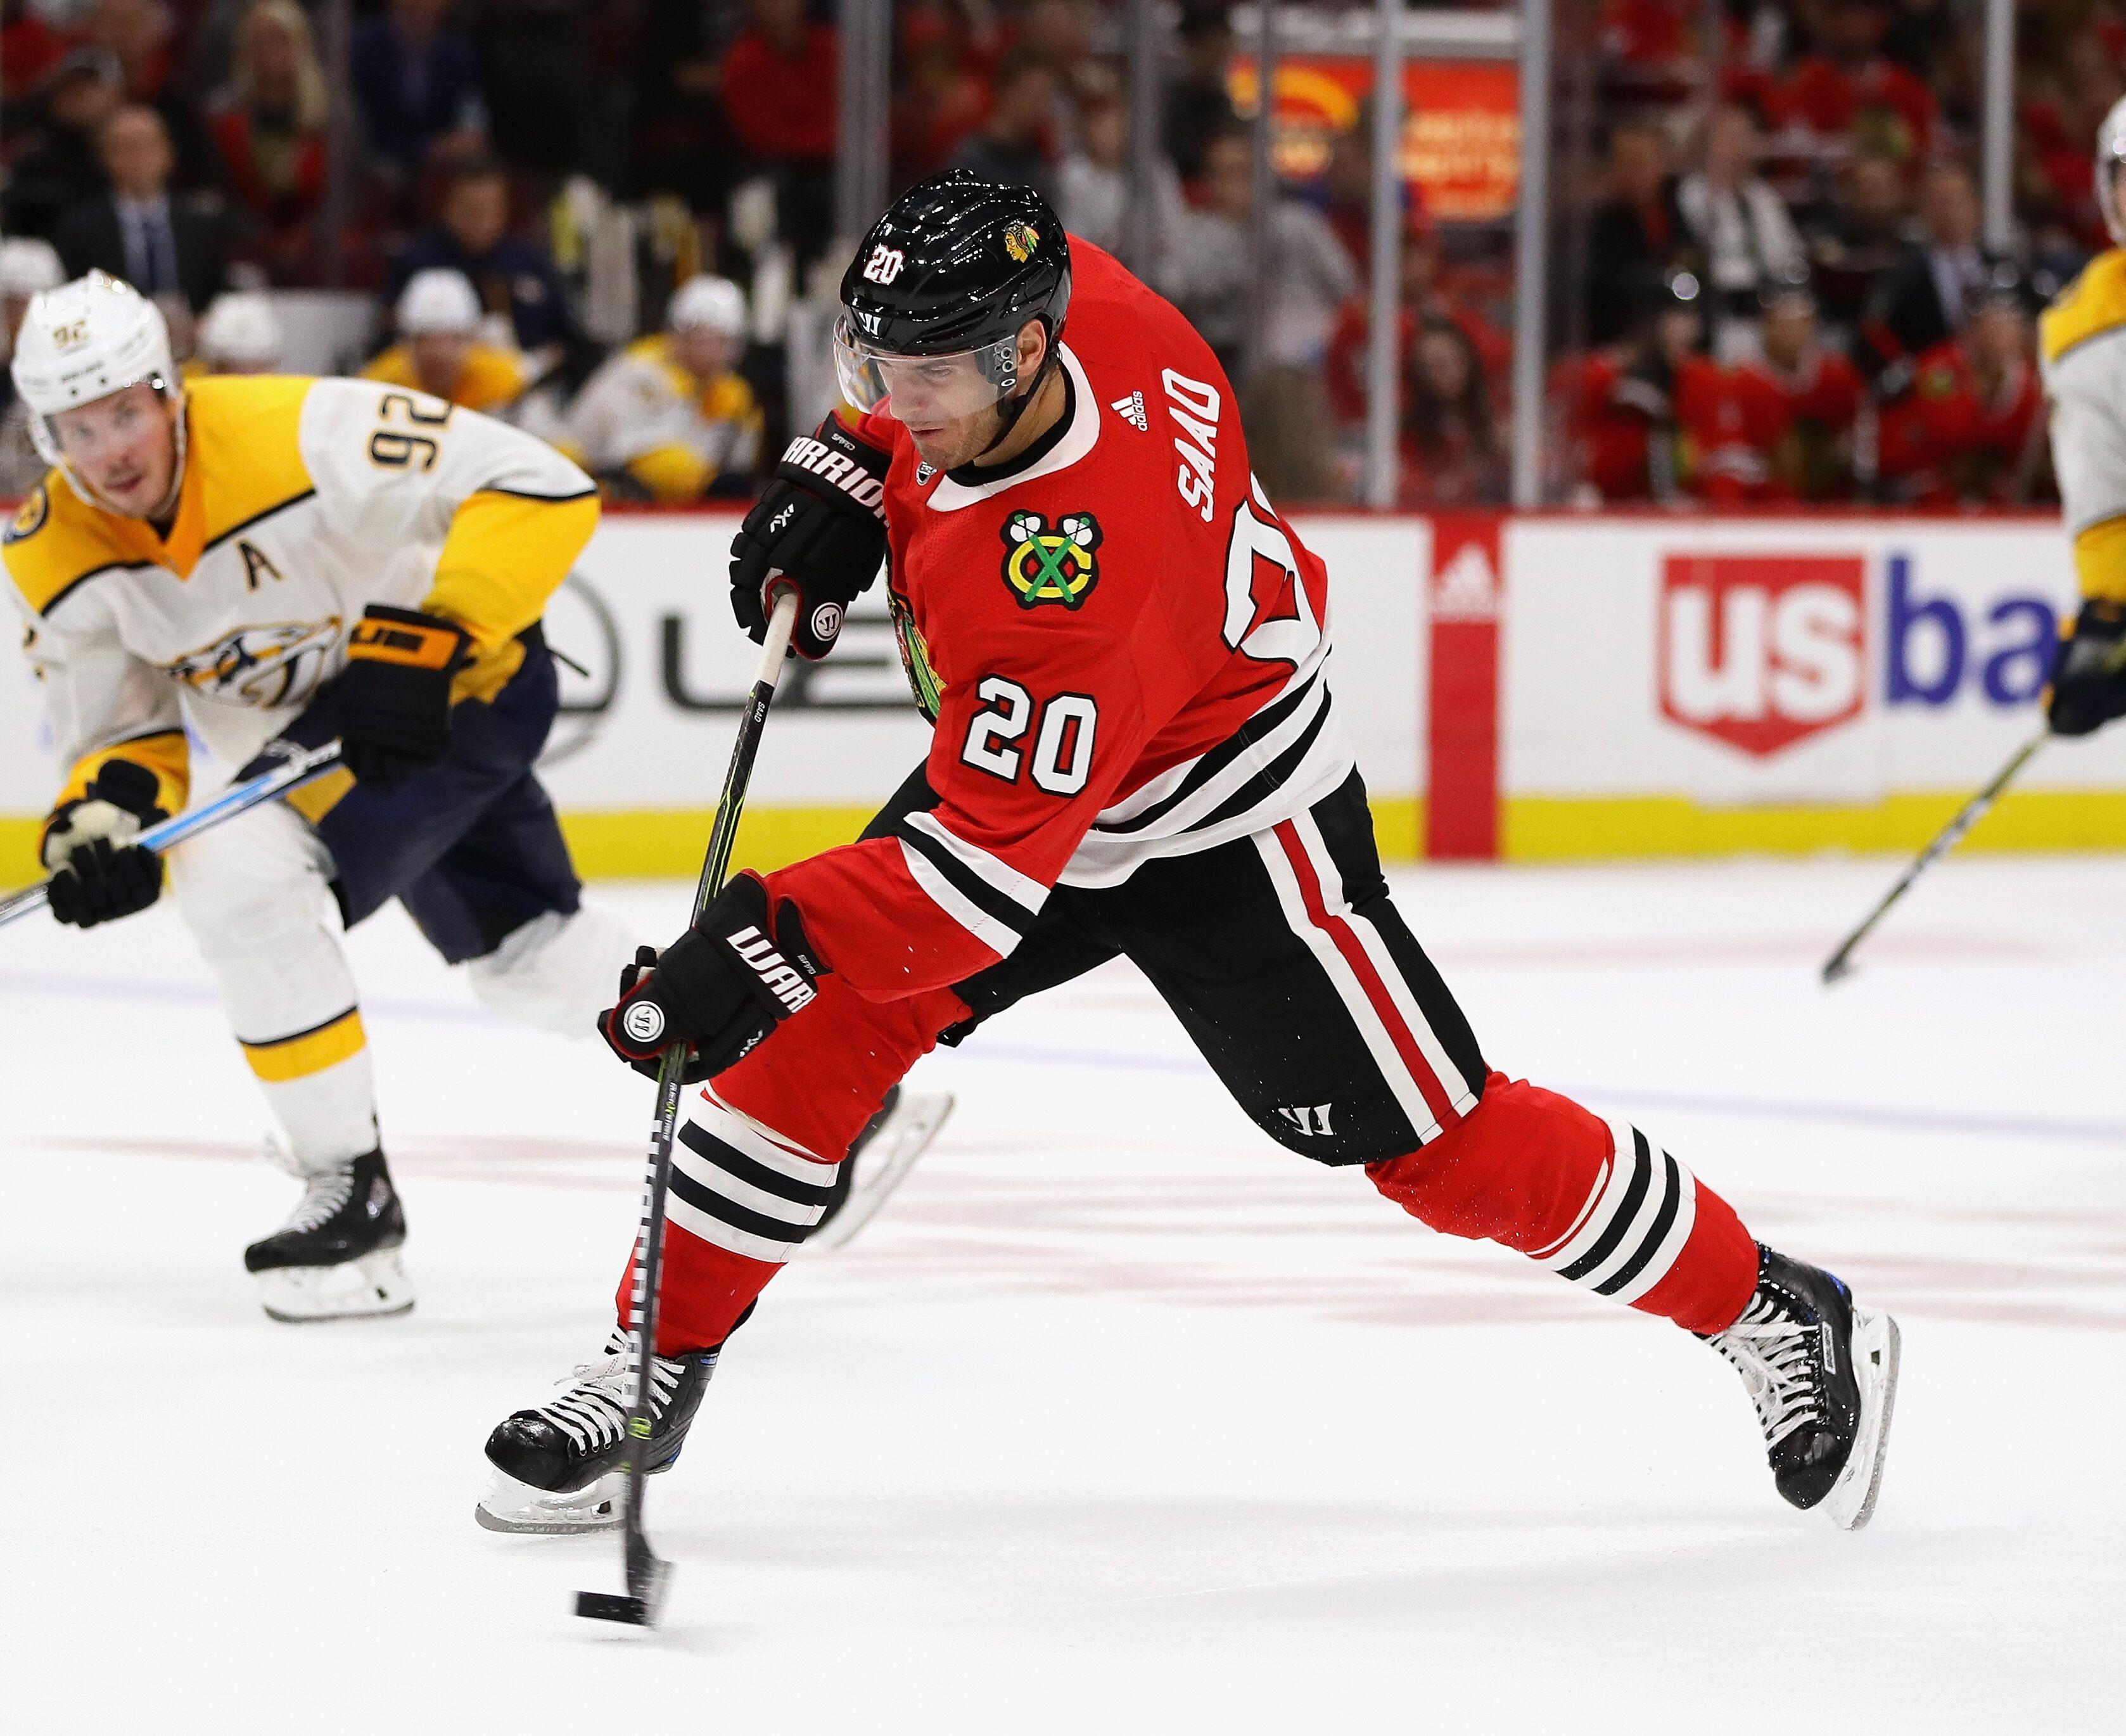 blackhawks nhl schedule chicago weekly blues games power national hockey televised week network rankings getty predators nashville destroyer kiss years